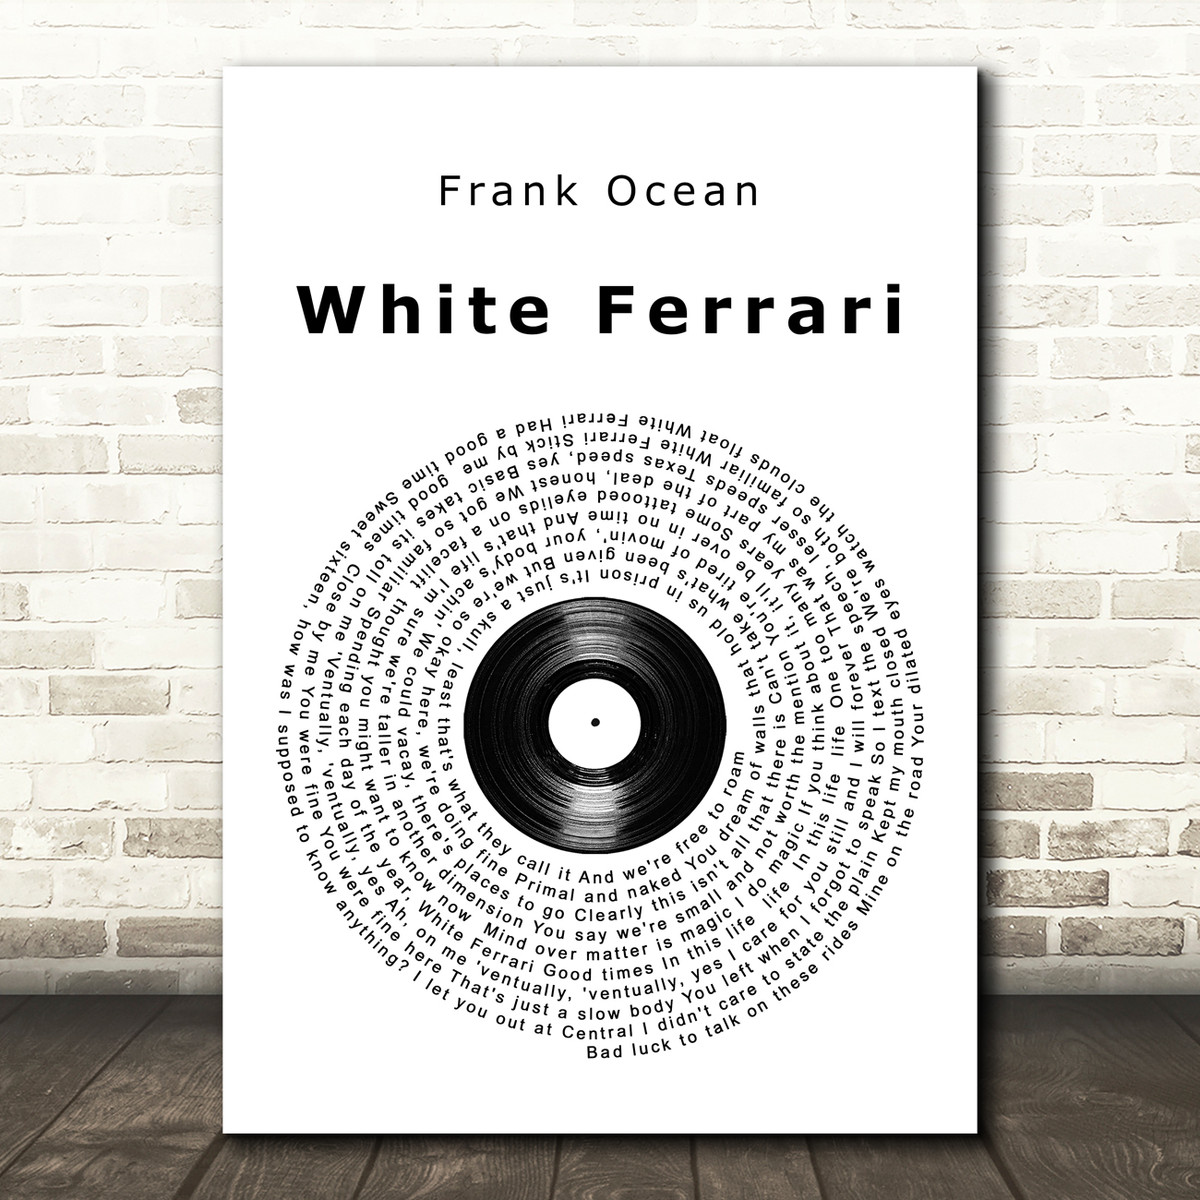 Frank Ocean White Ferrari Vinyl Record Song Lyric Music Art Print Songlyricprints Co Uk